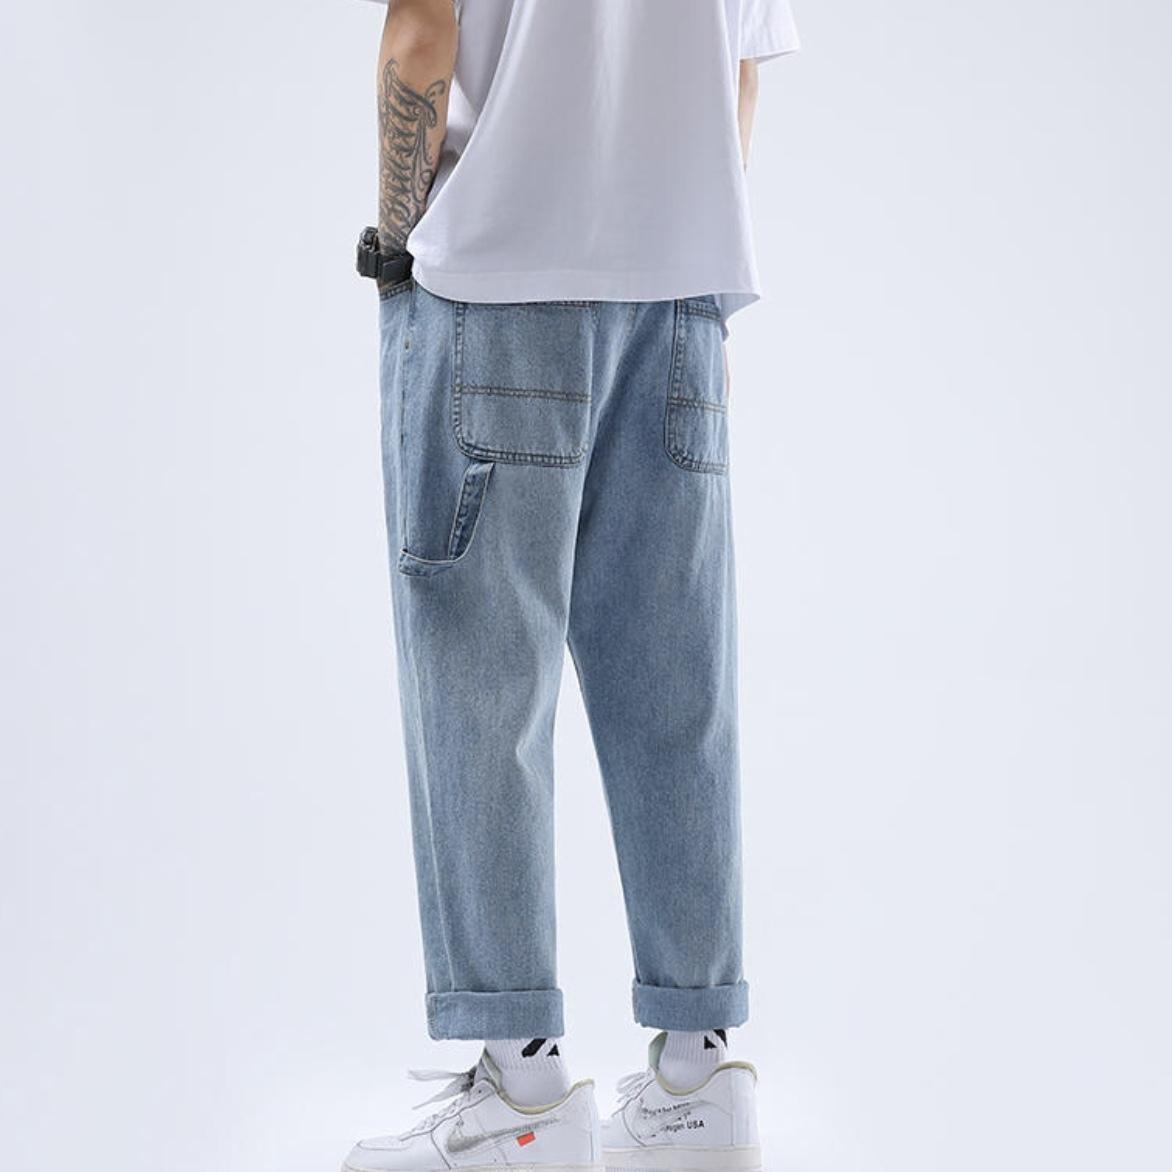 カジュアルワイドレッグストレートパンツ 韓国風 ストリートファッション